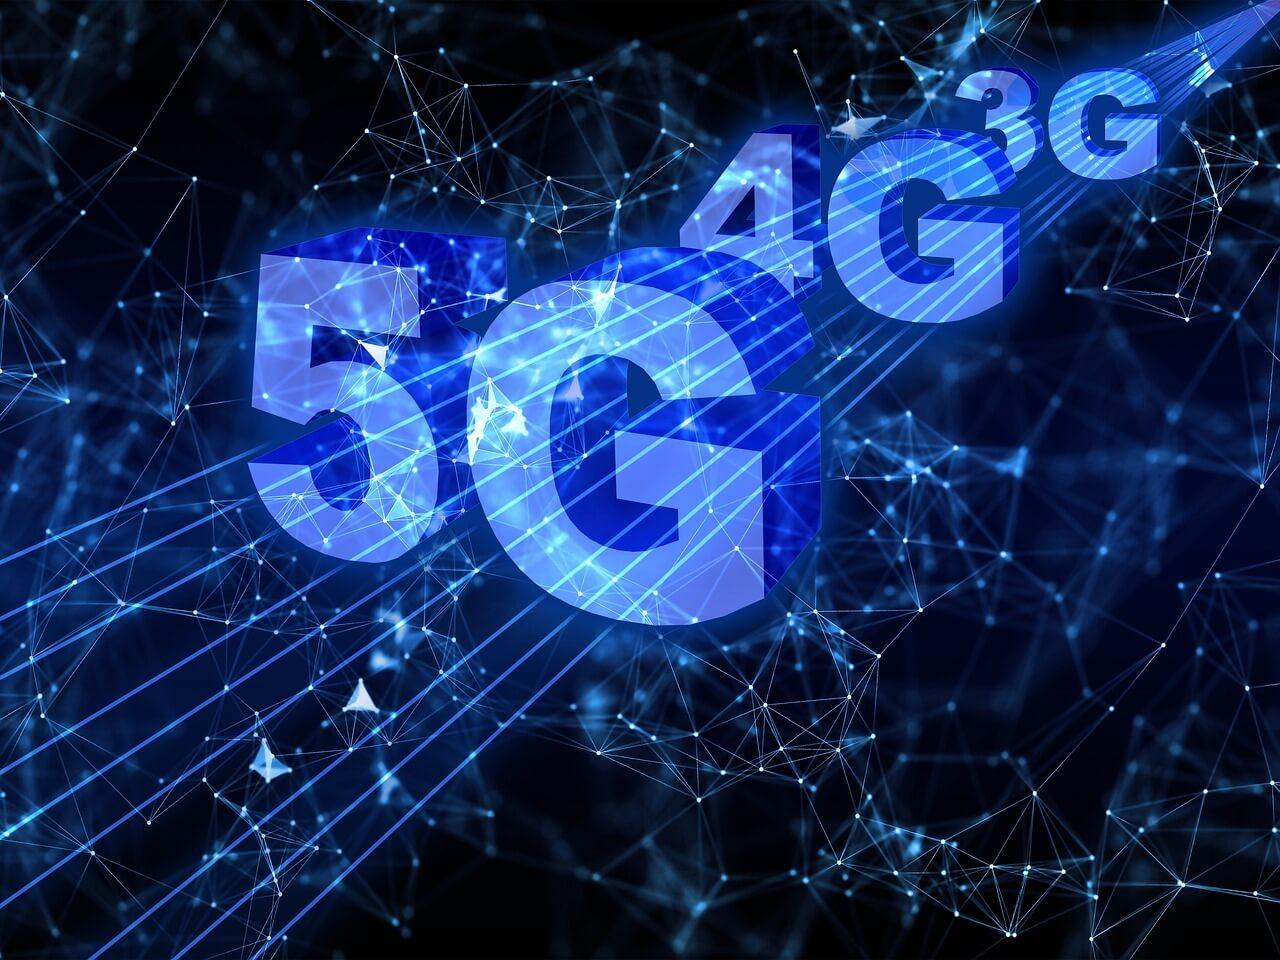 5Gの普及で劇的に変化?IoTとの組み合わせで広がる可能性とは?|人工知能を搭載した製品・サービスの比較一覧・導入活用事例・資料請求が無料でできるAIポータルメディア